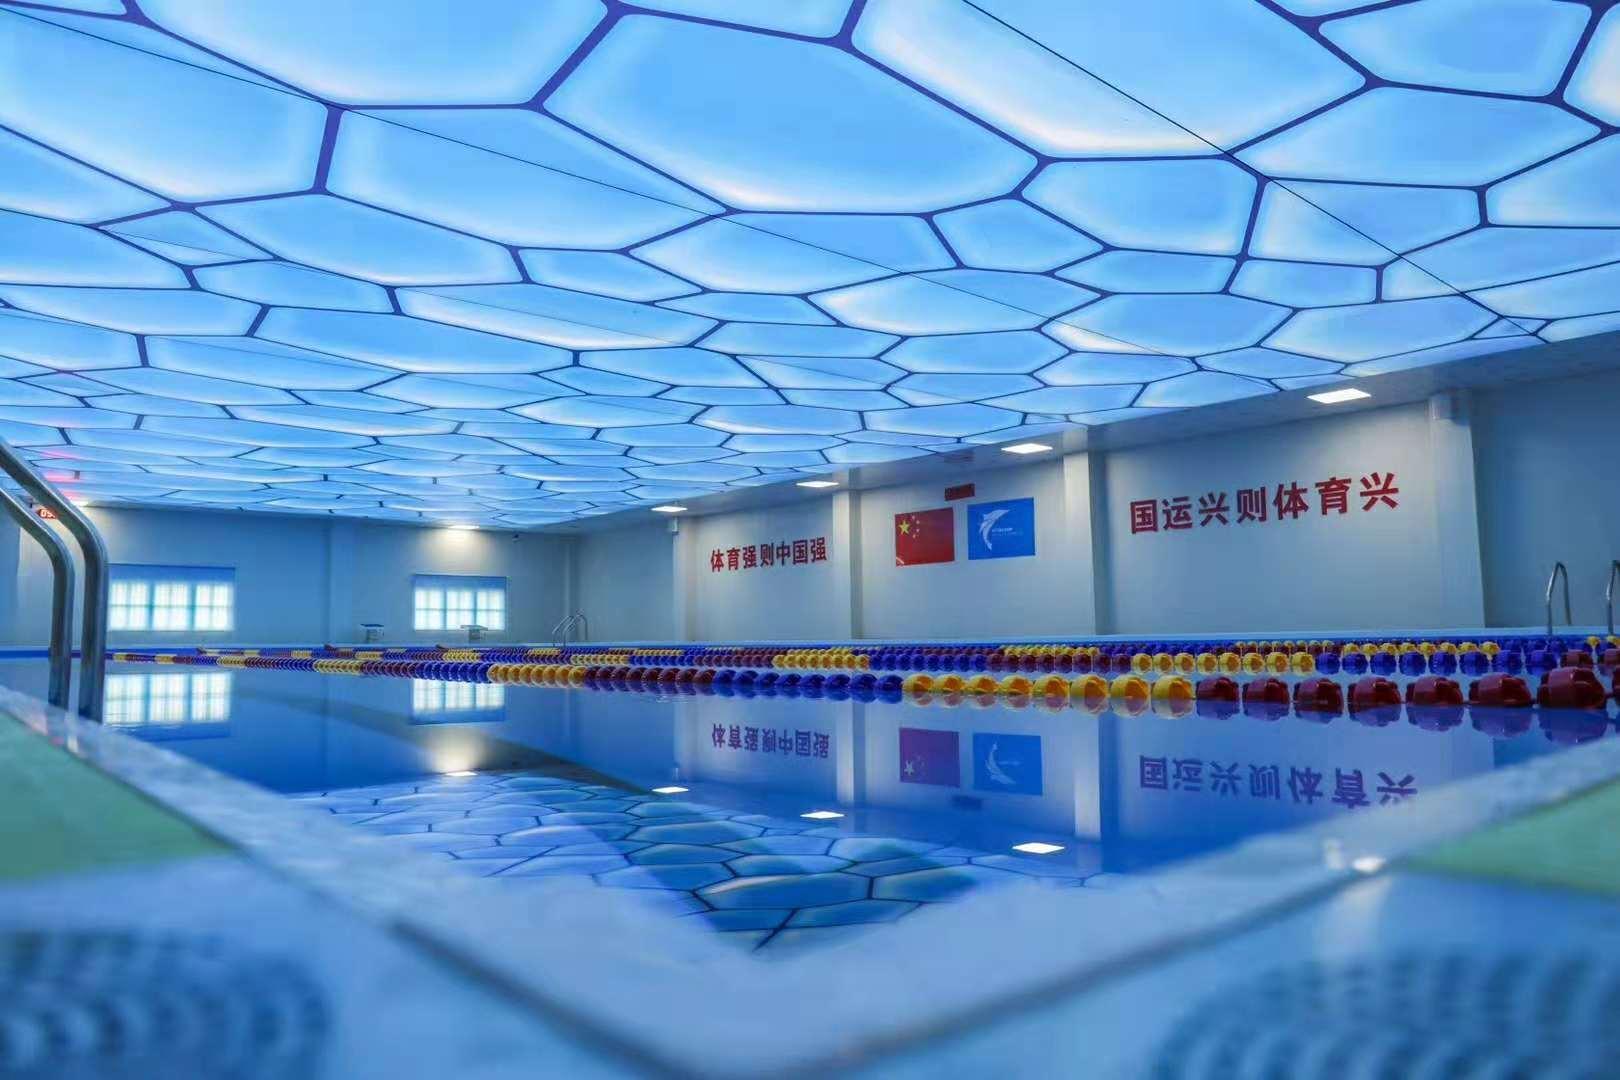 学校类型钢结构拆装式游泳池解决方案